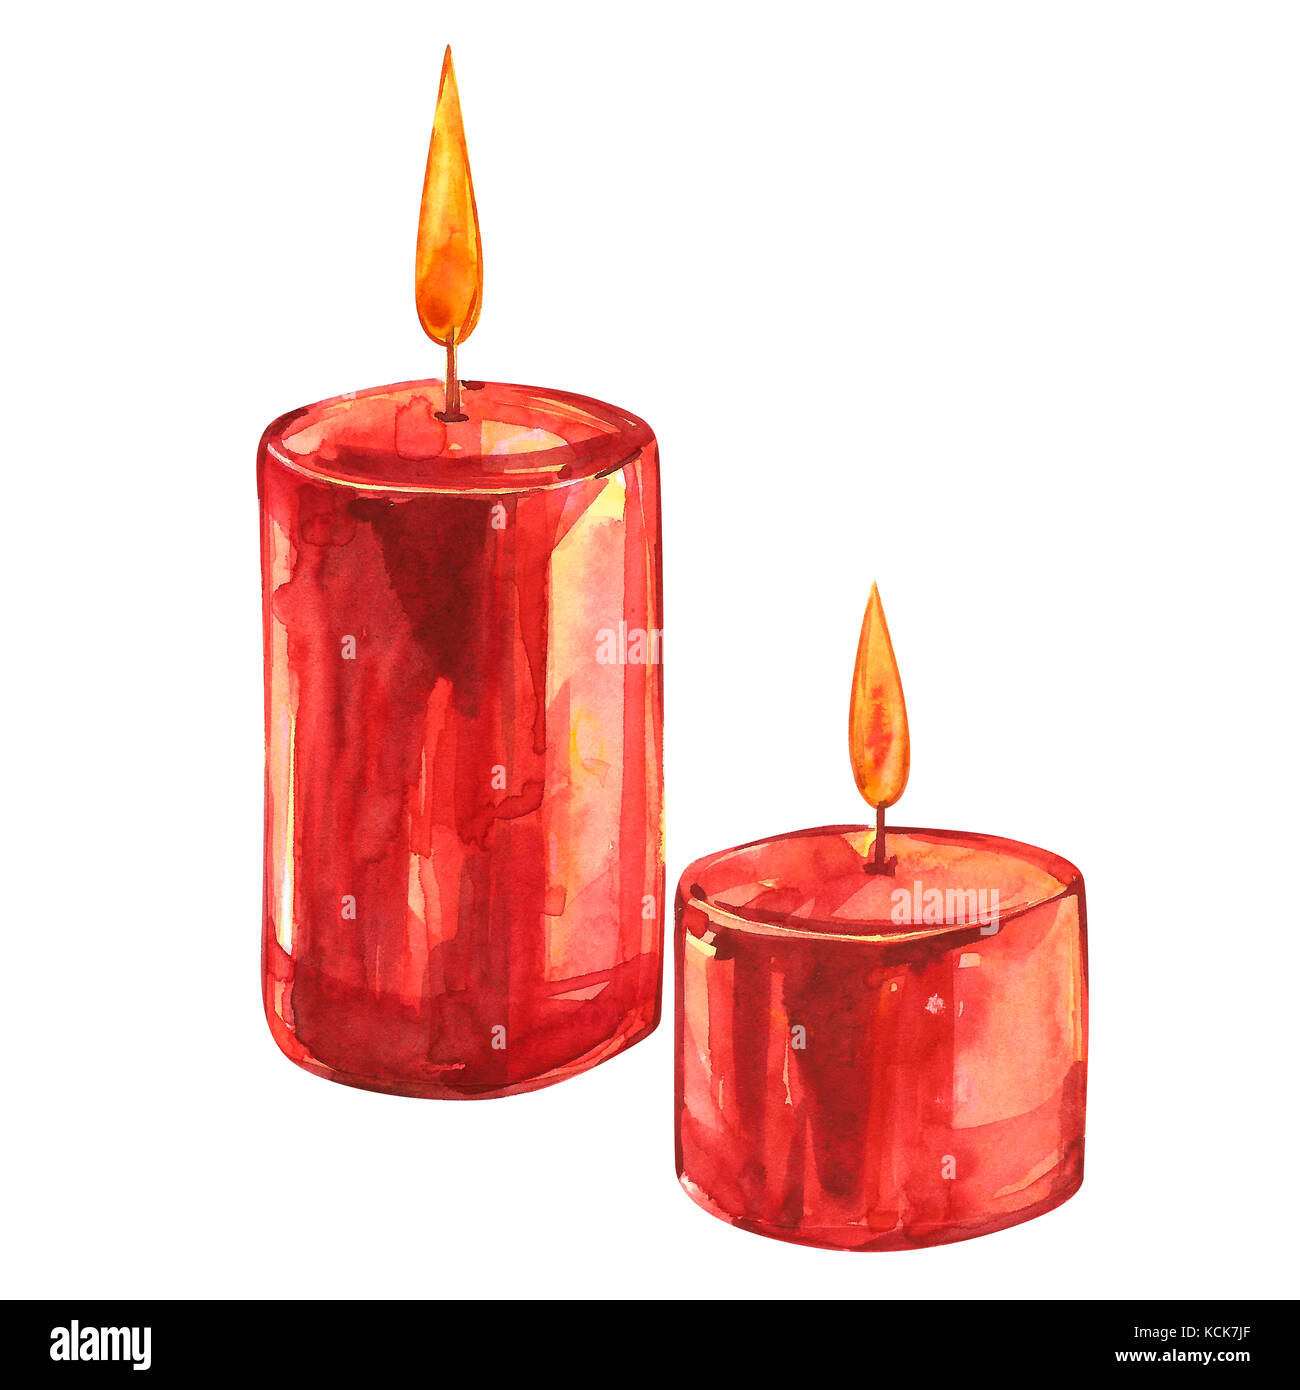 Aquarell weihnachten clipart rote kerzen auf wei em - Aquarell weihnachten ...